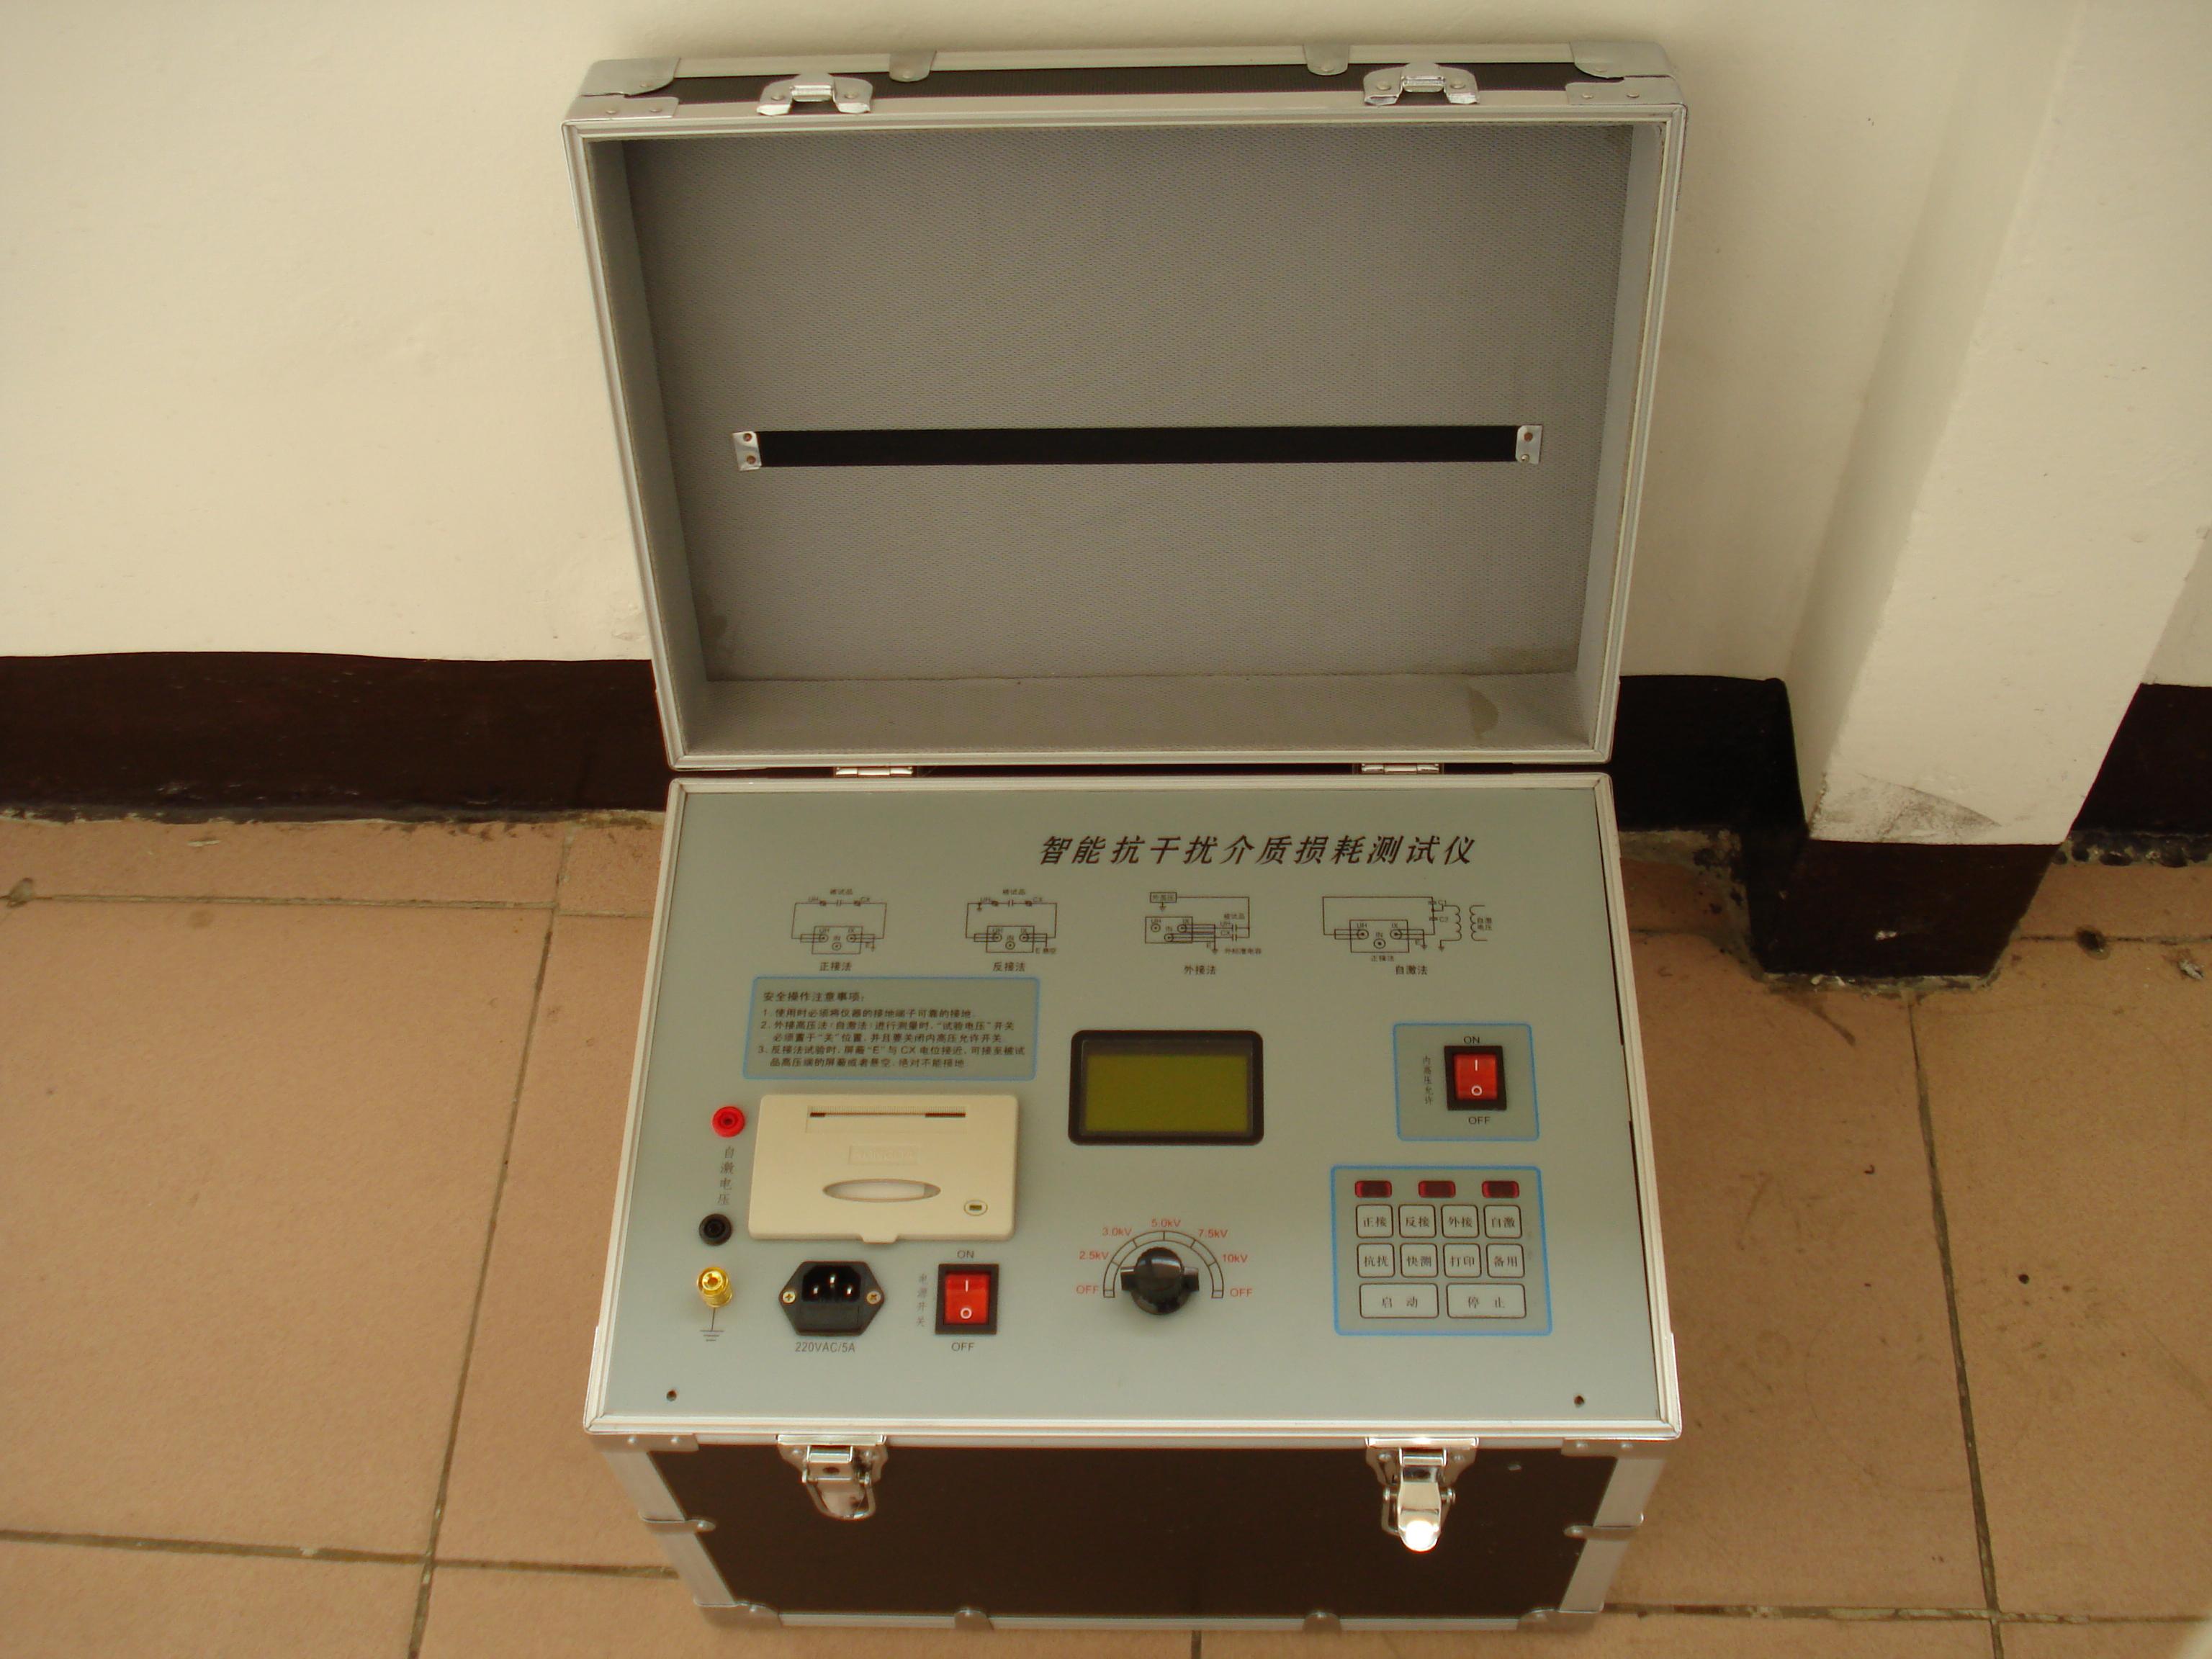 另外,本仪器针对电容式电压互感器(cvt)试验困难的特点,增设了自激法